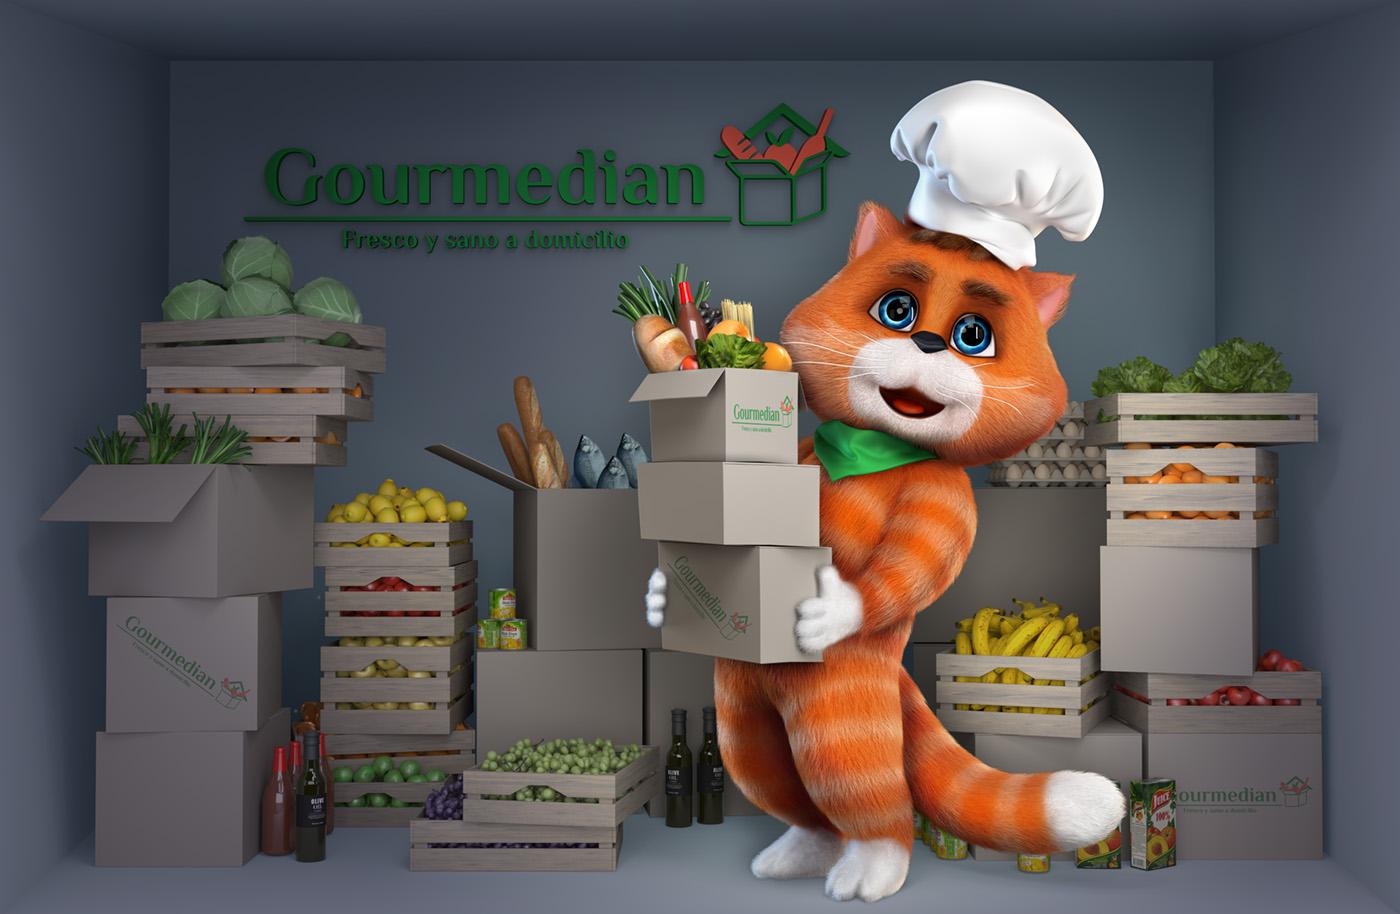 Gourmedian